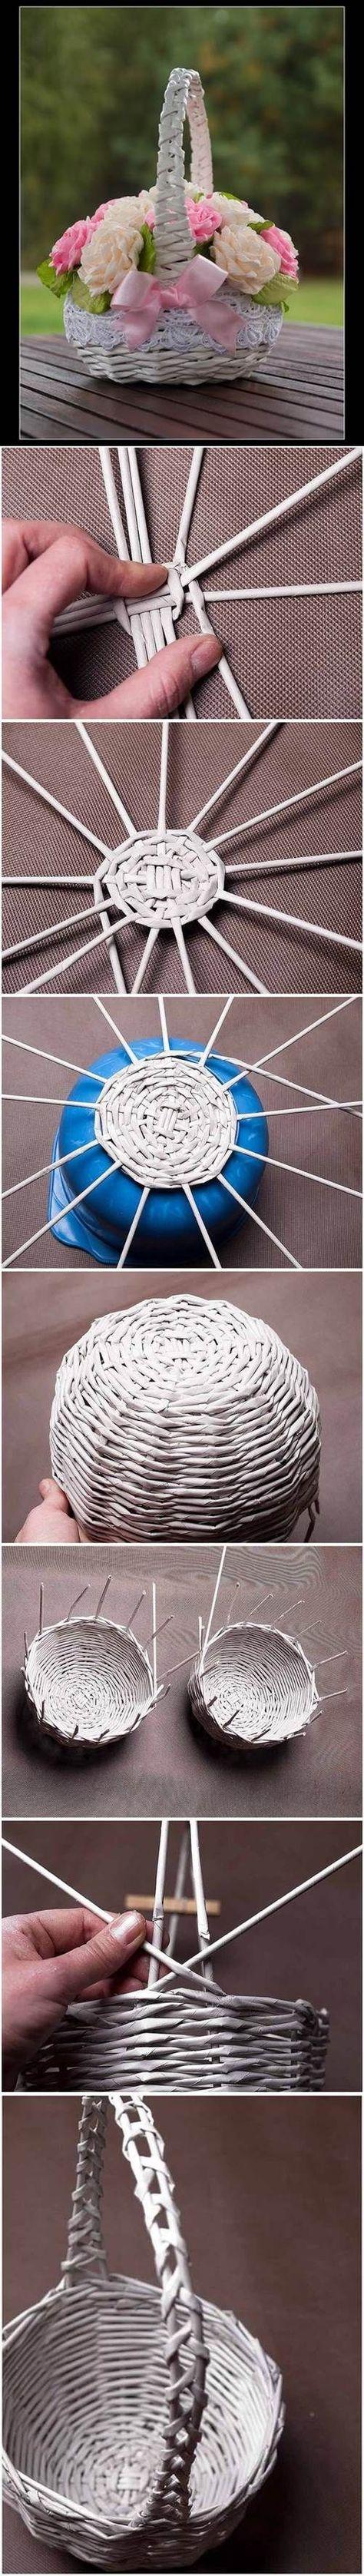 Мастер класс по плетению из газет в фото